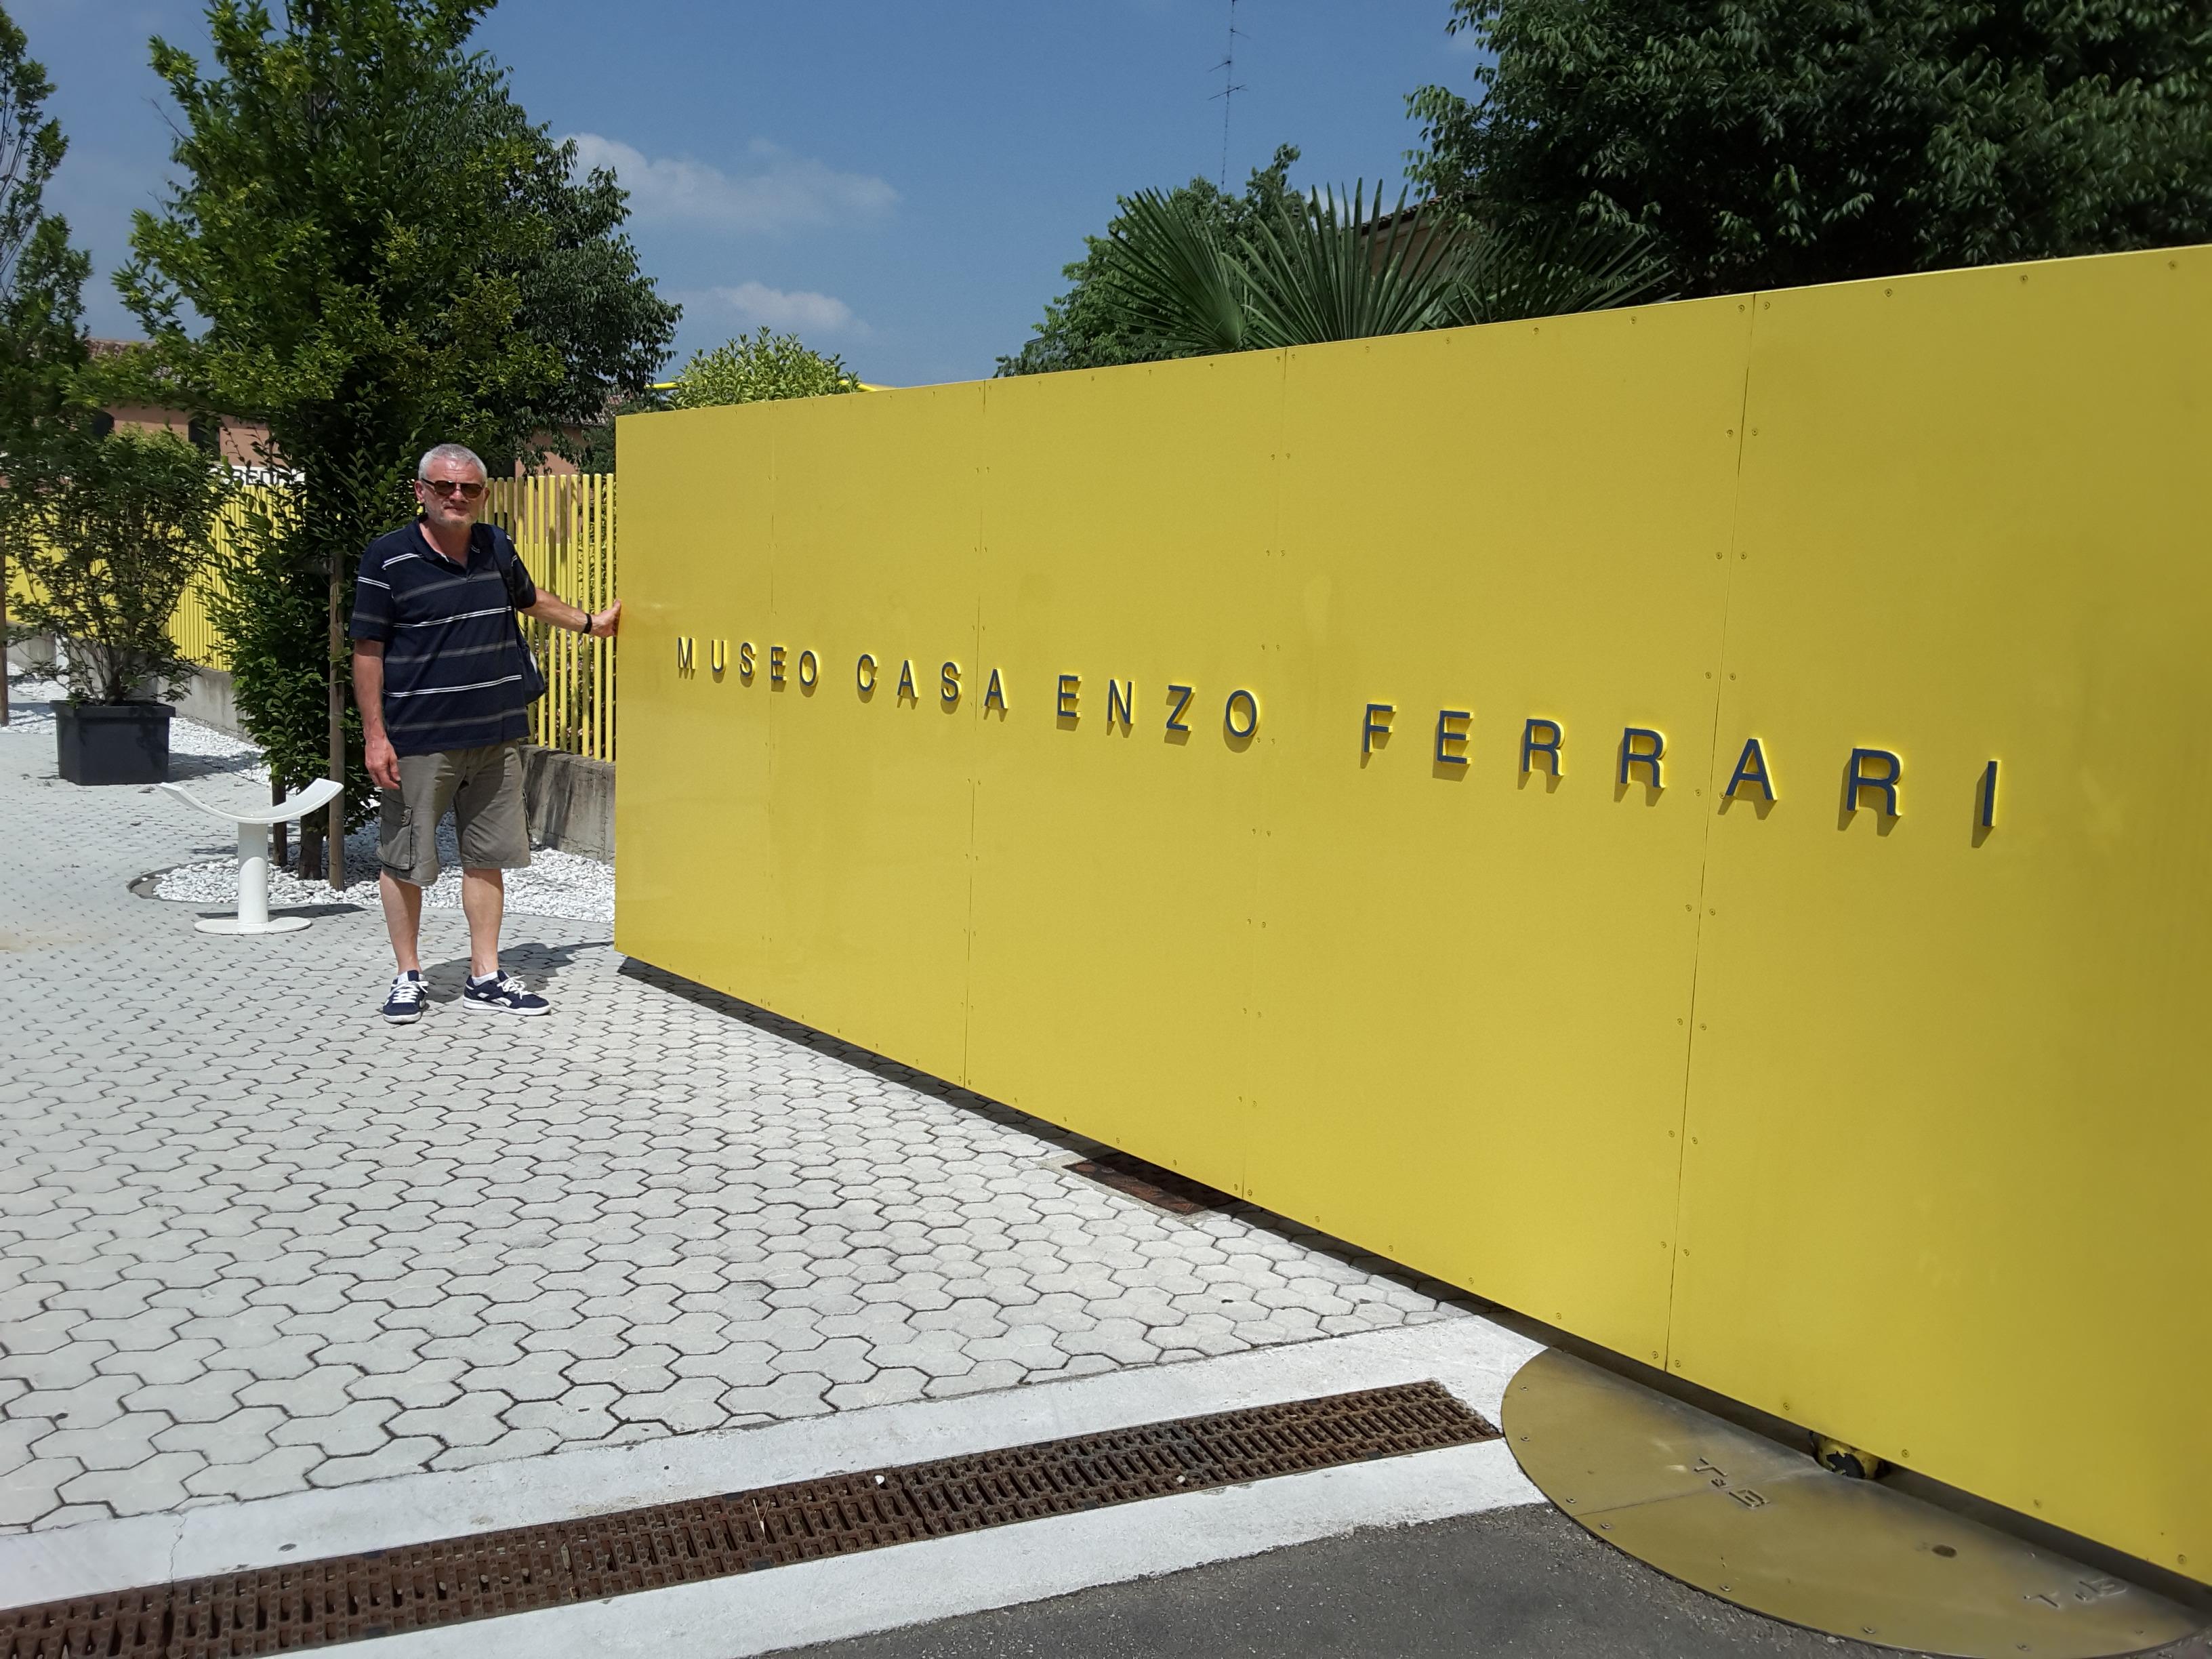 Nel Museo Enzo Ferrari, Italia. Intervista a Vicente D'Urso